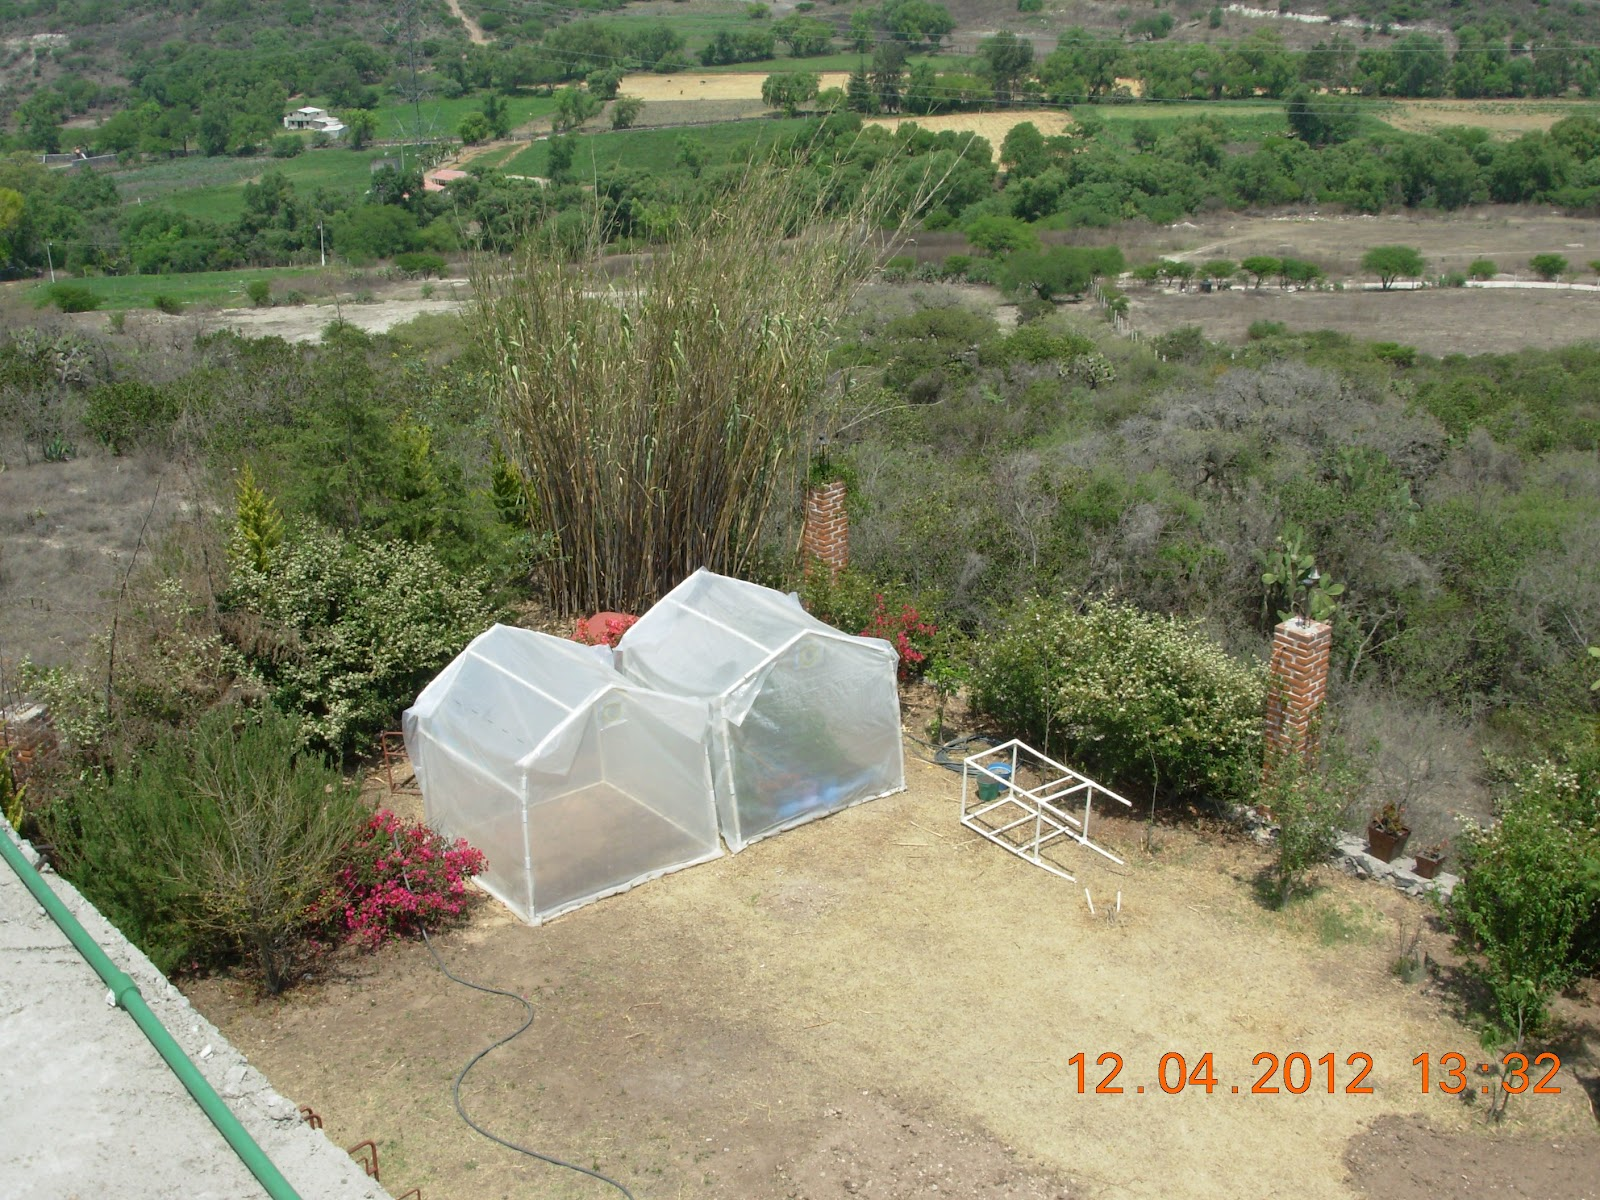 Rumbosol invernaderos solares para el jardin o la azotea - Invernaderos para jardin ...